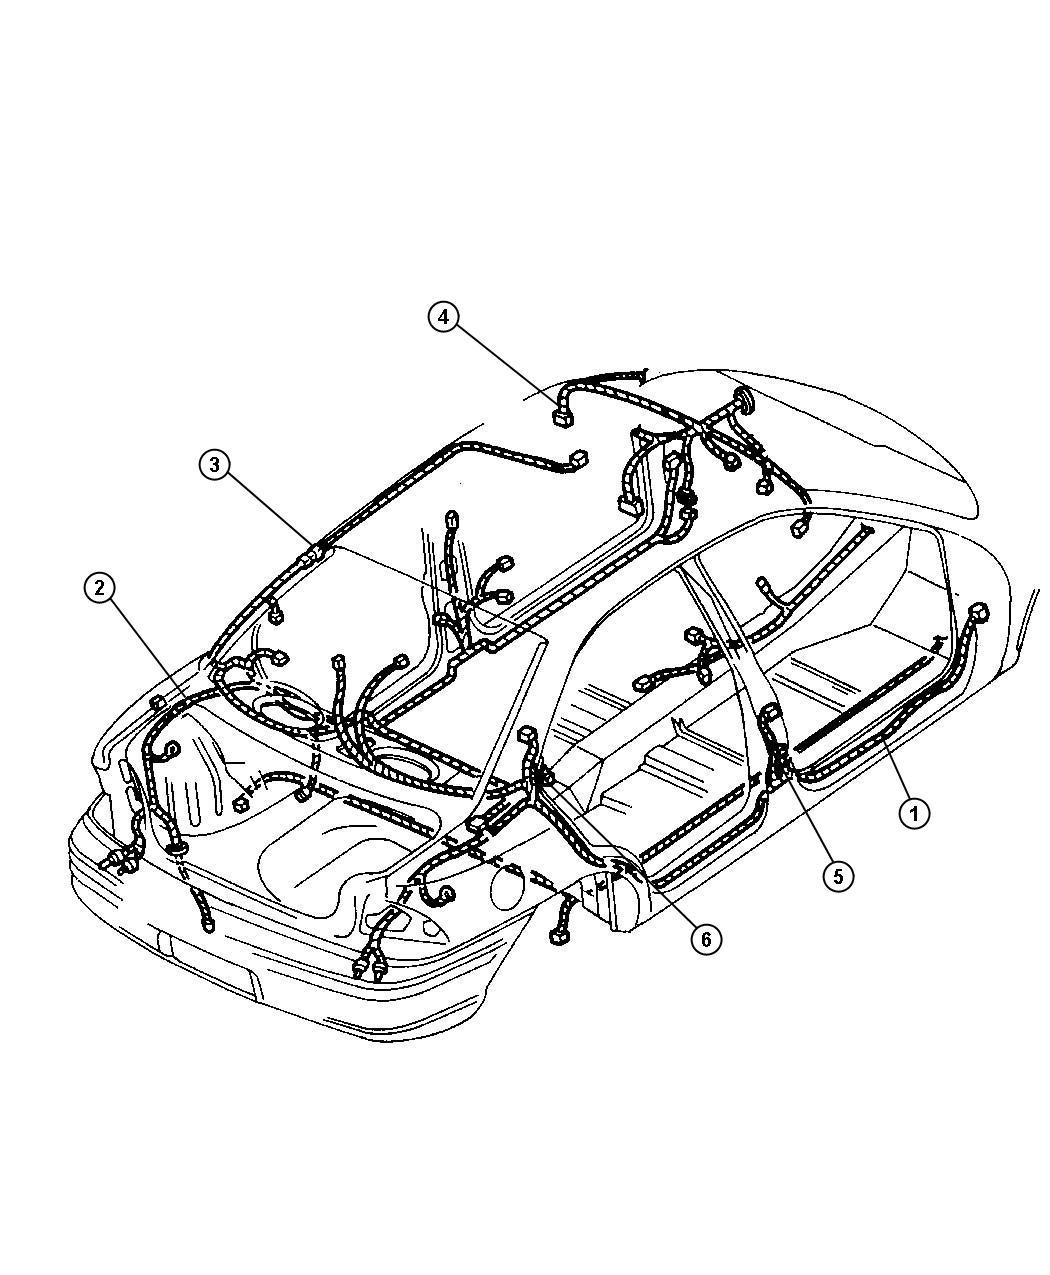 Dodge Neon Wiring. Illuminated visor. W/power sunroof